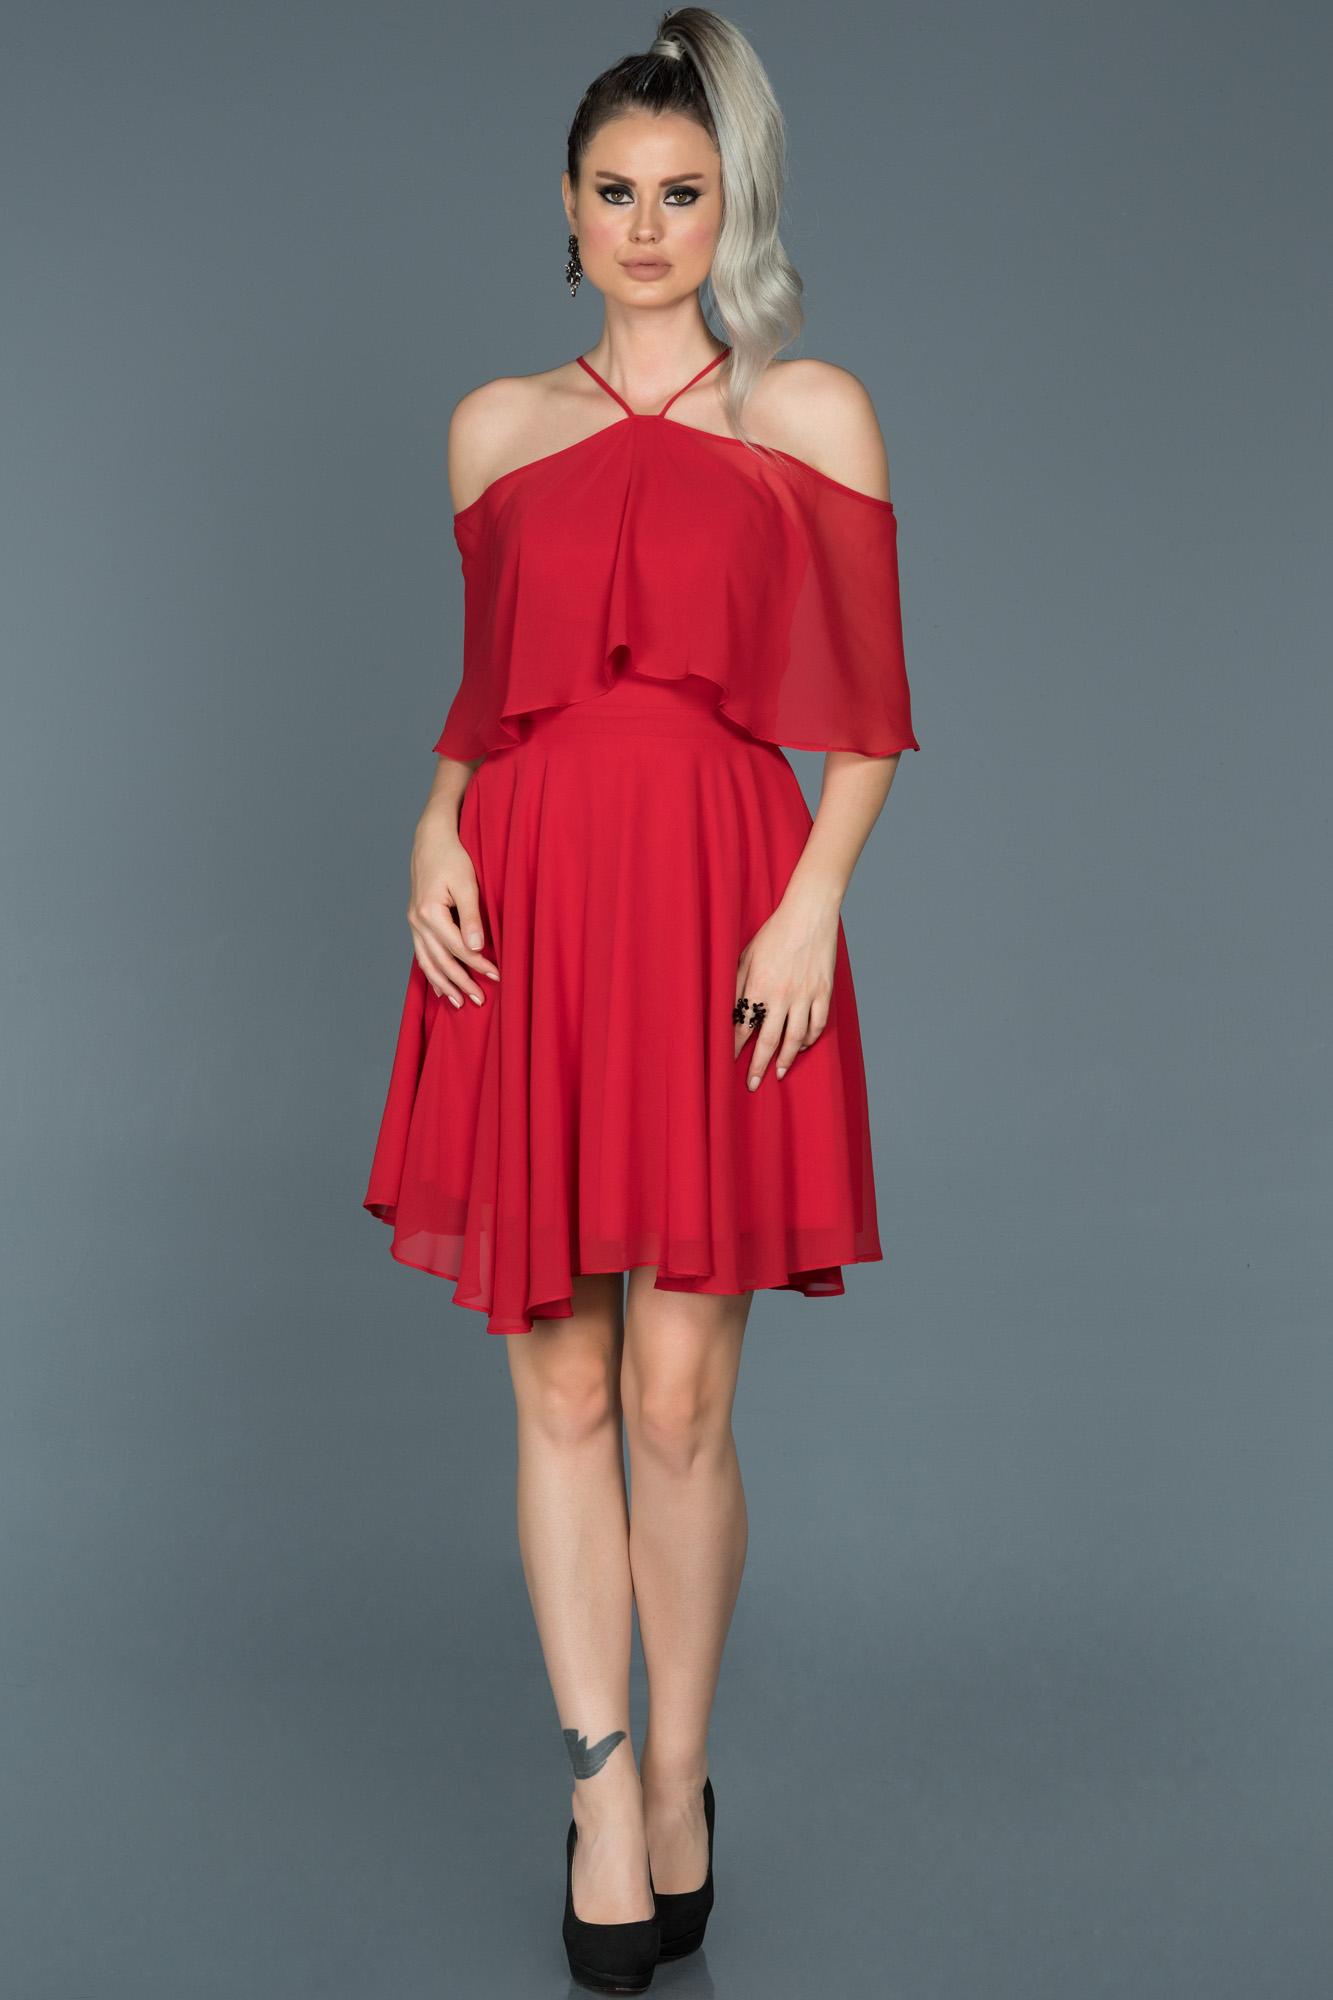 Kırmızı Kısa Şifon Davet Elbisesi